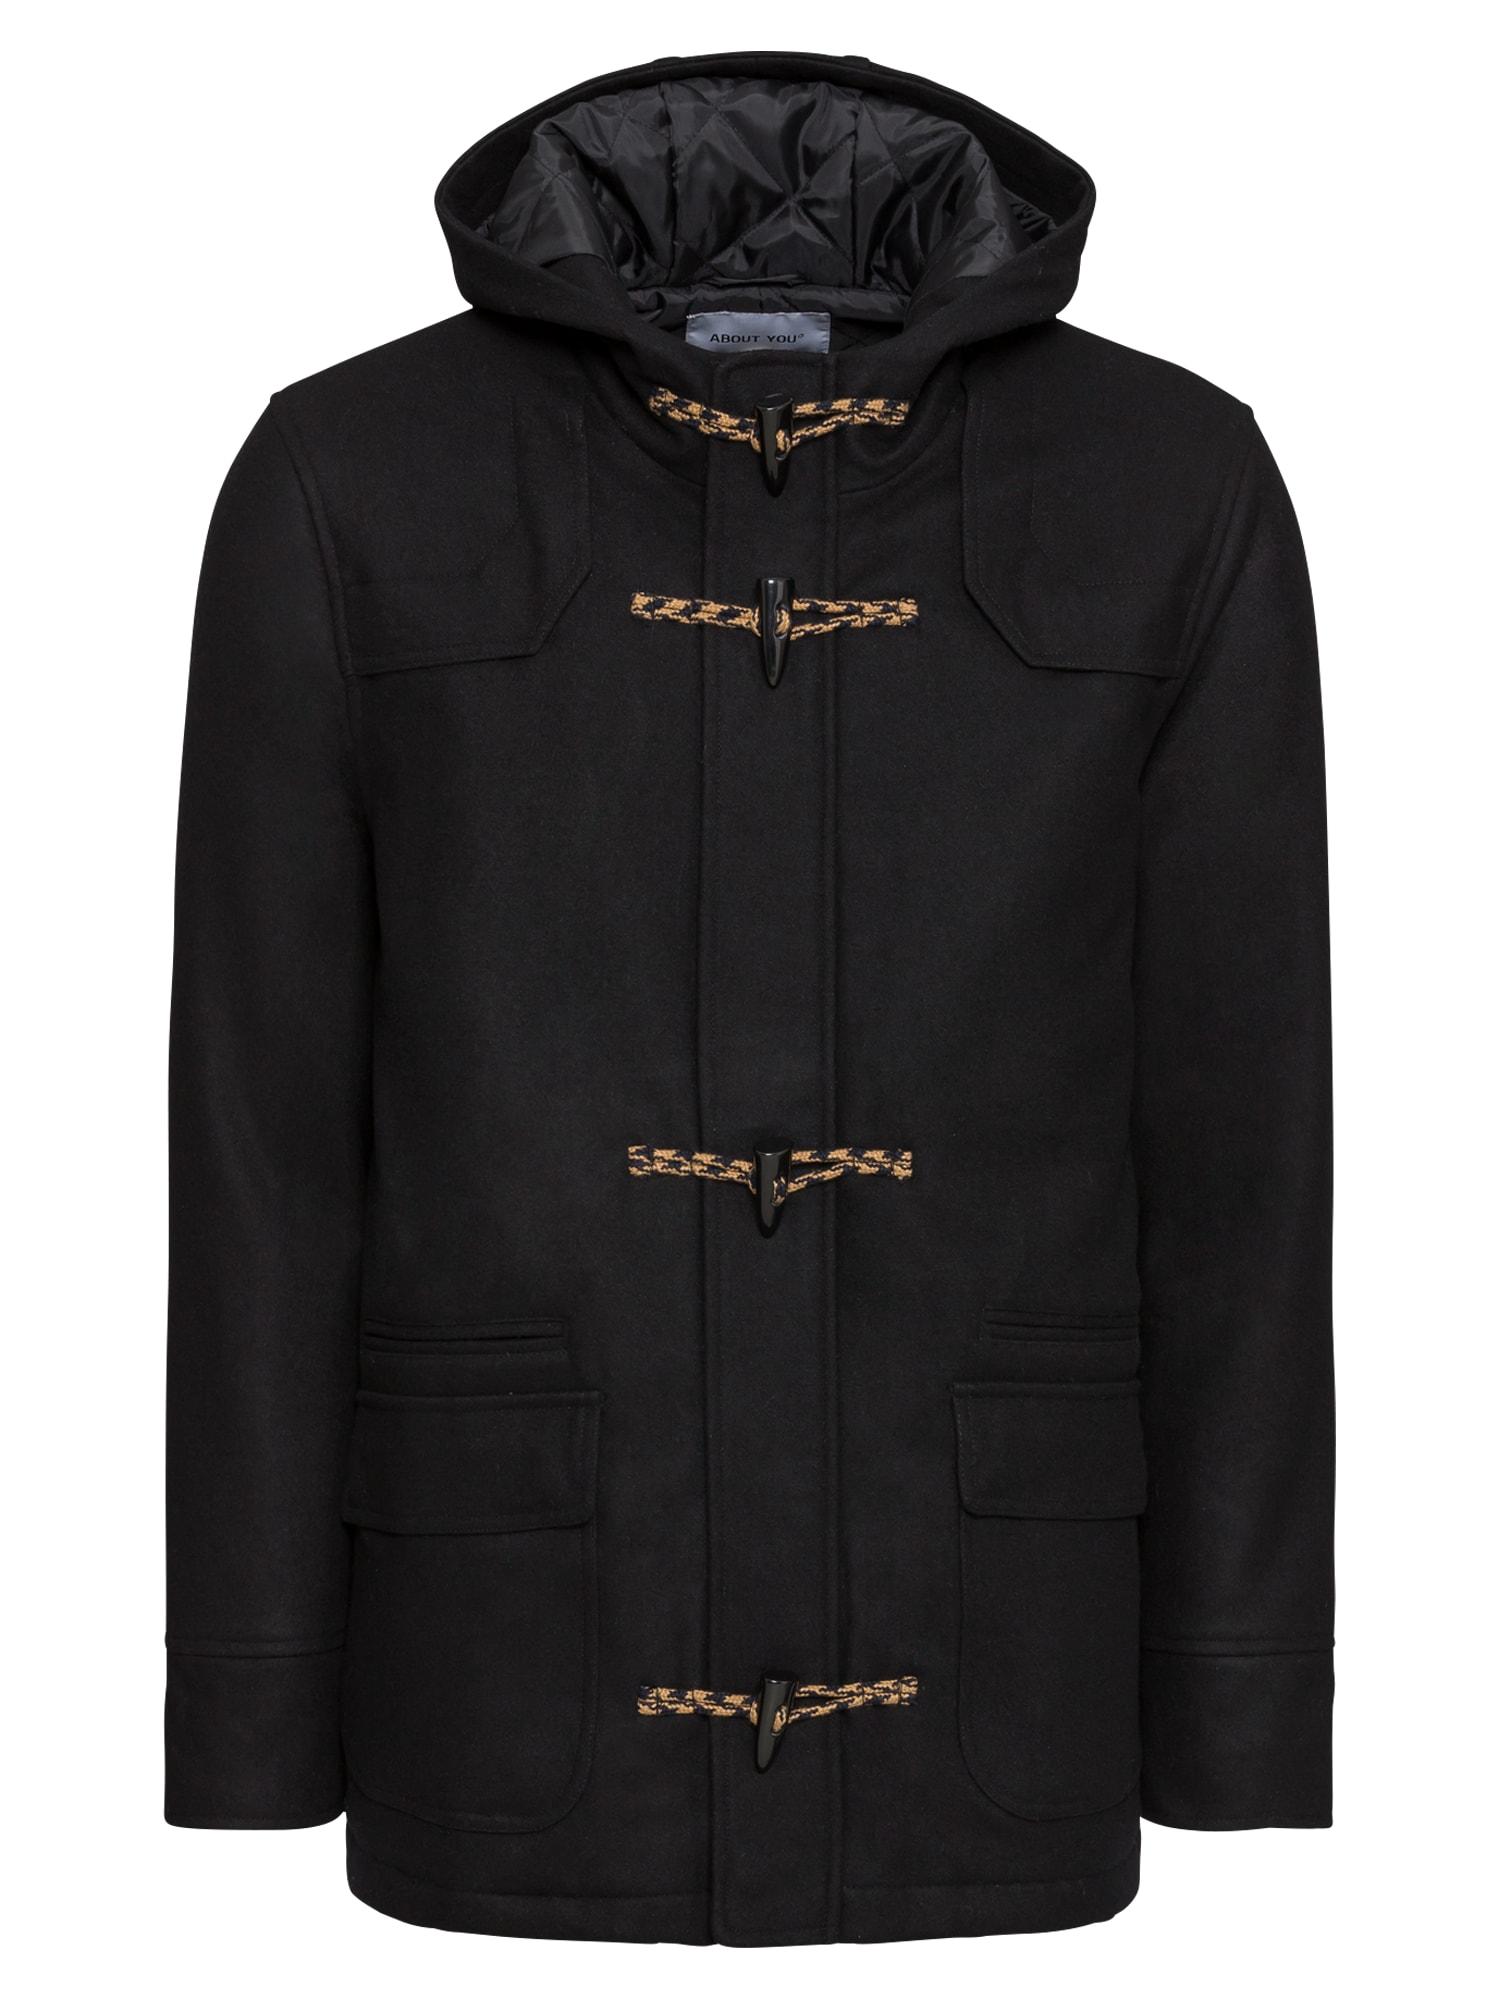 Přechodný kabát Thilo černá ABOUT YOU